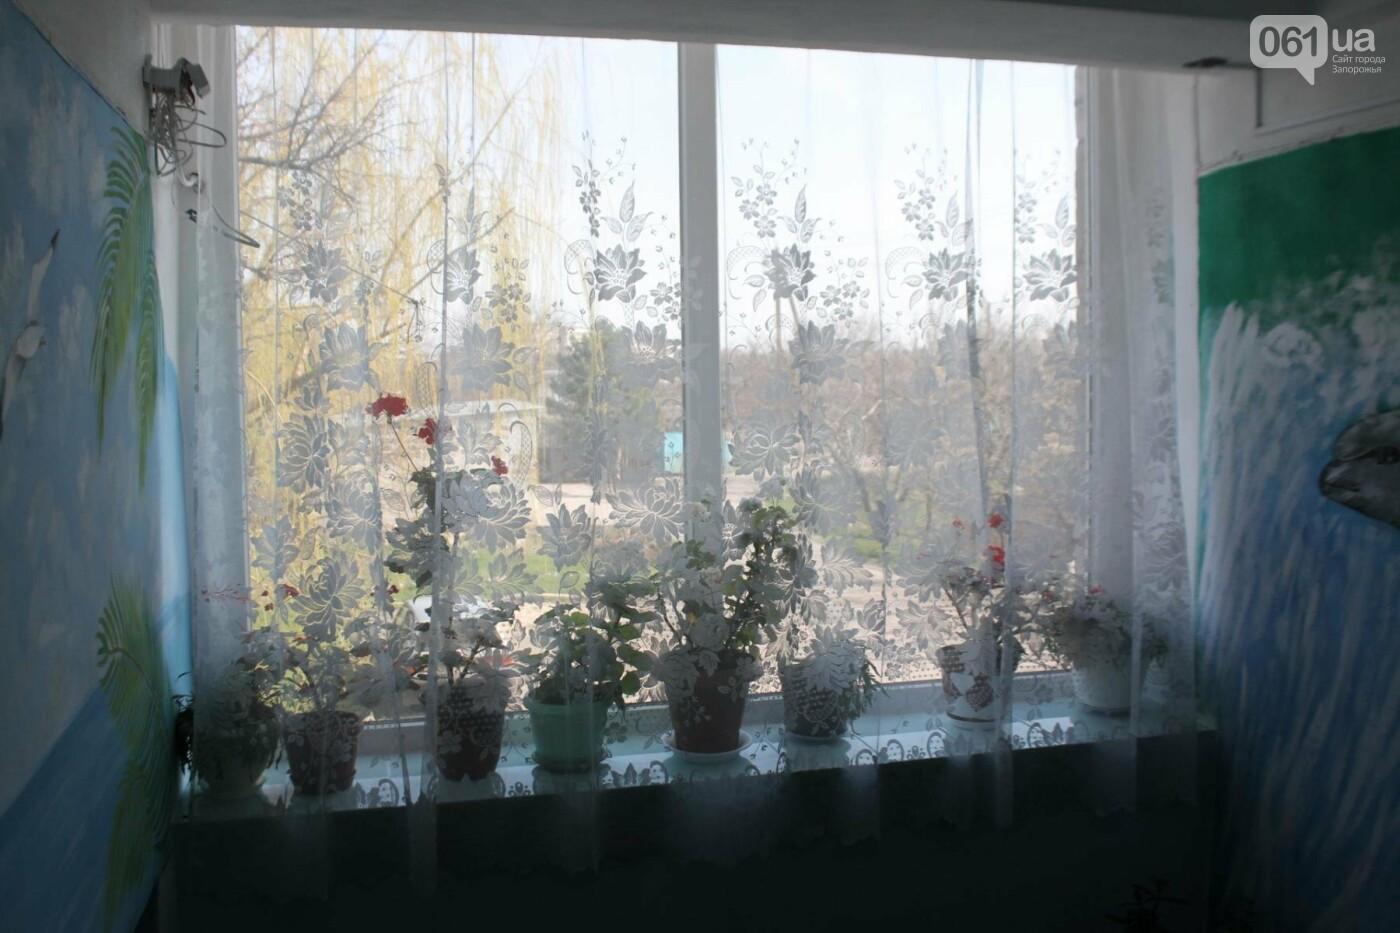 Запорожская громада, которую знают во всей Украине: каких успехов добилась Веселовская ОТГ, – ФОТОРЕПОРТАЖ, фото-24